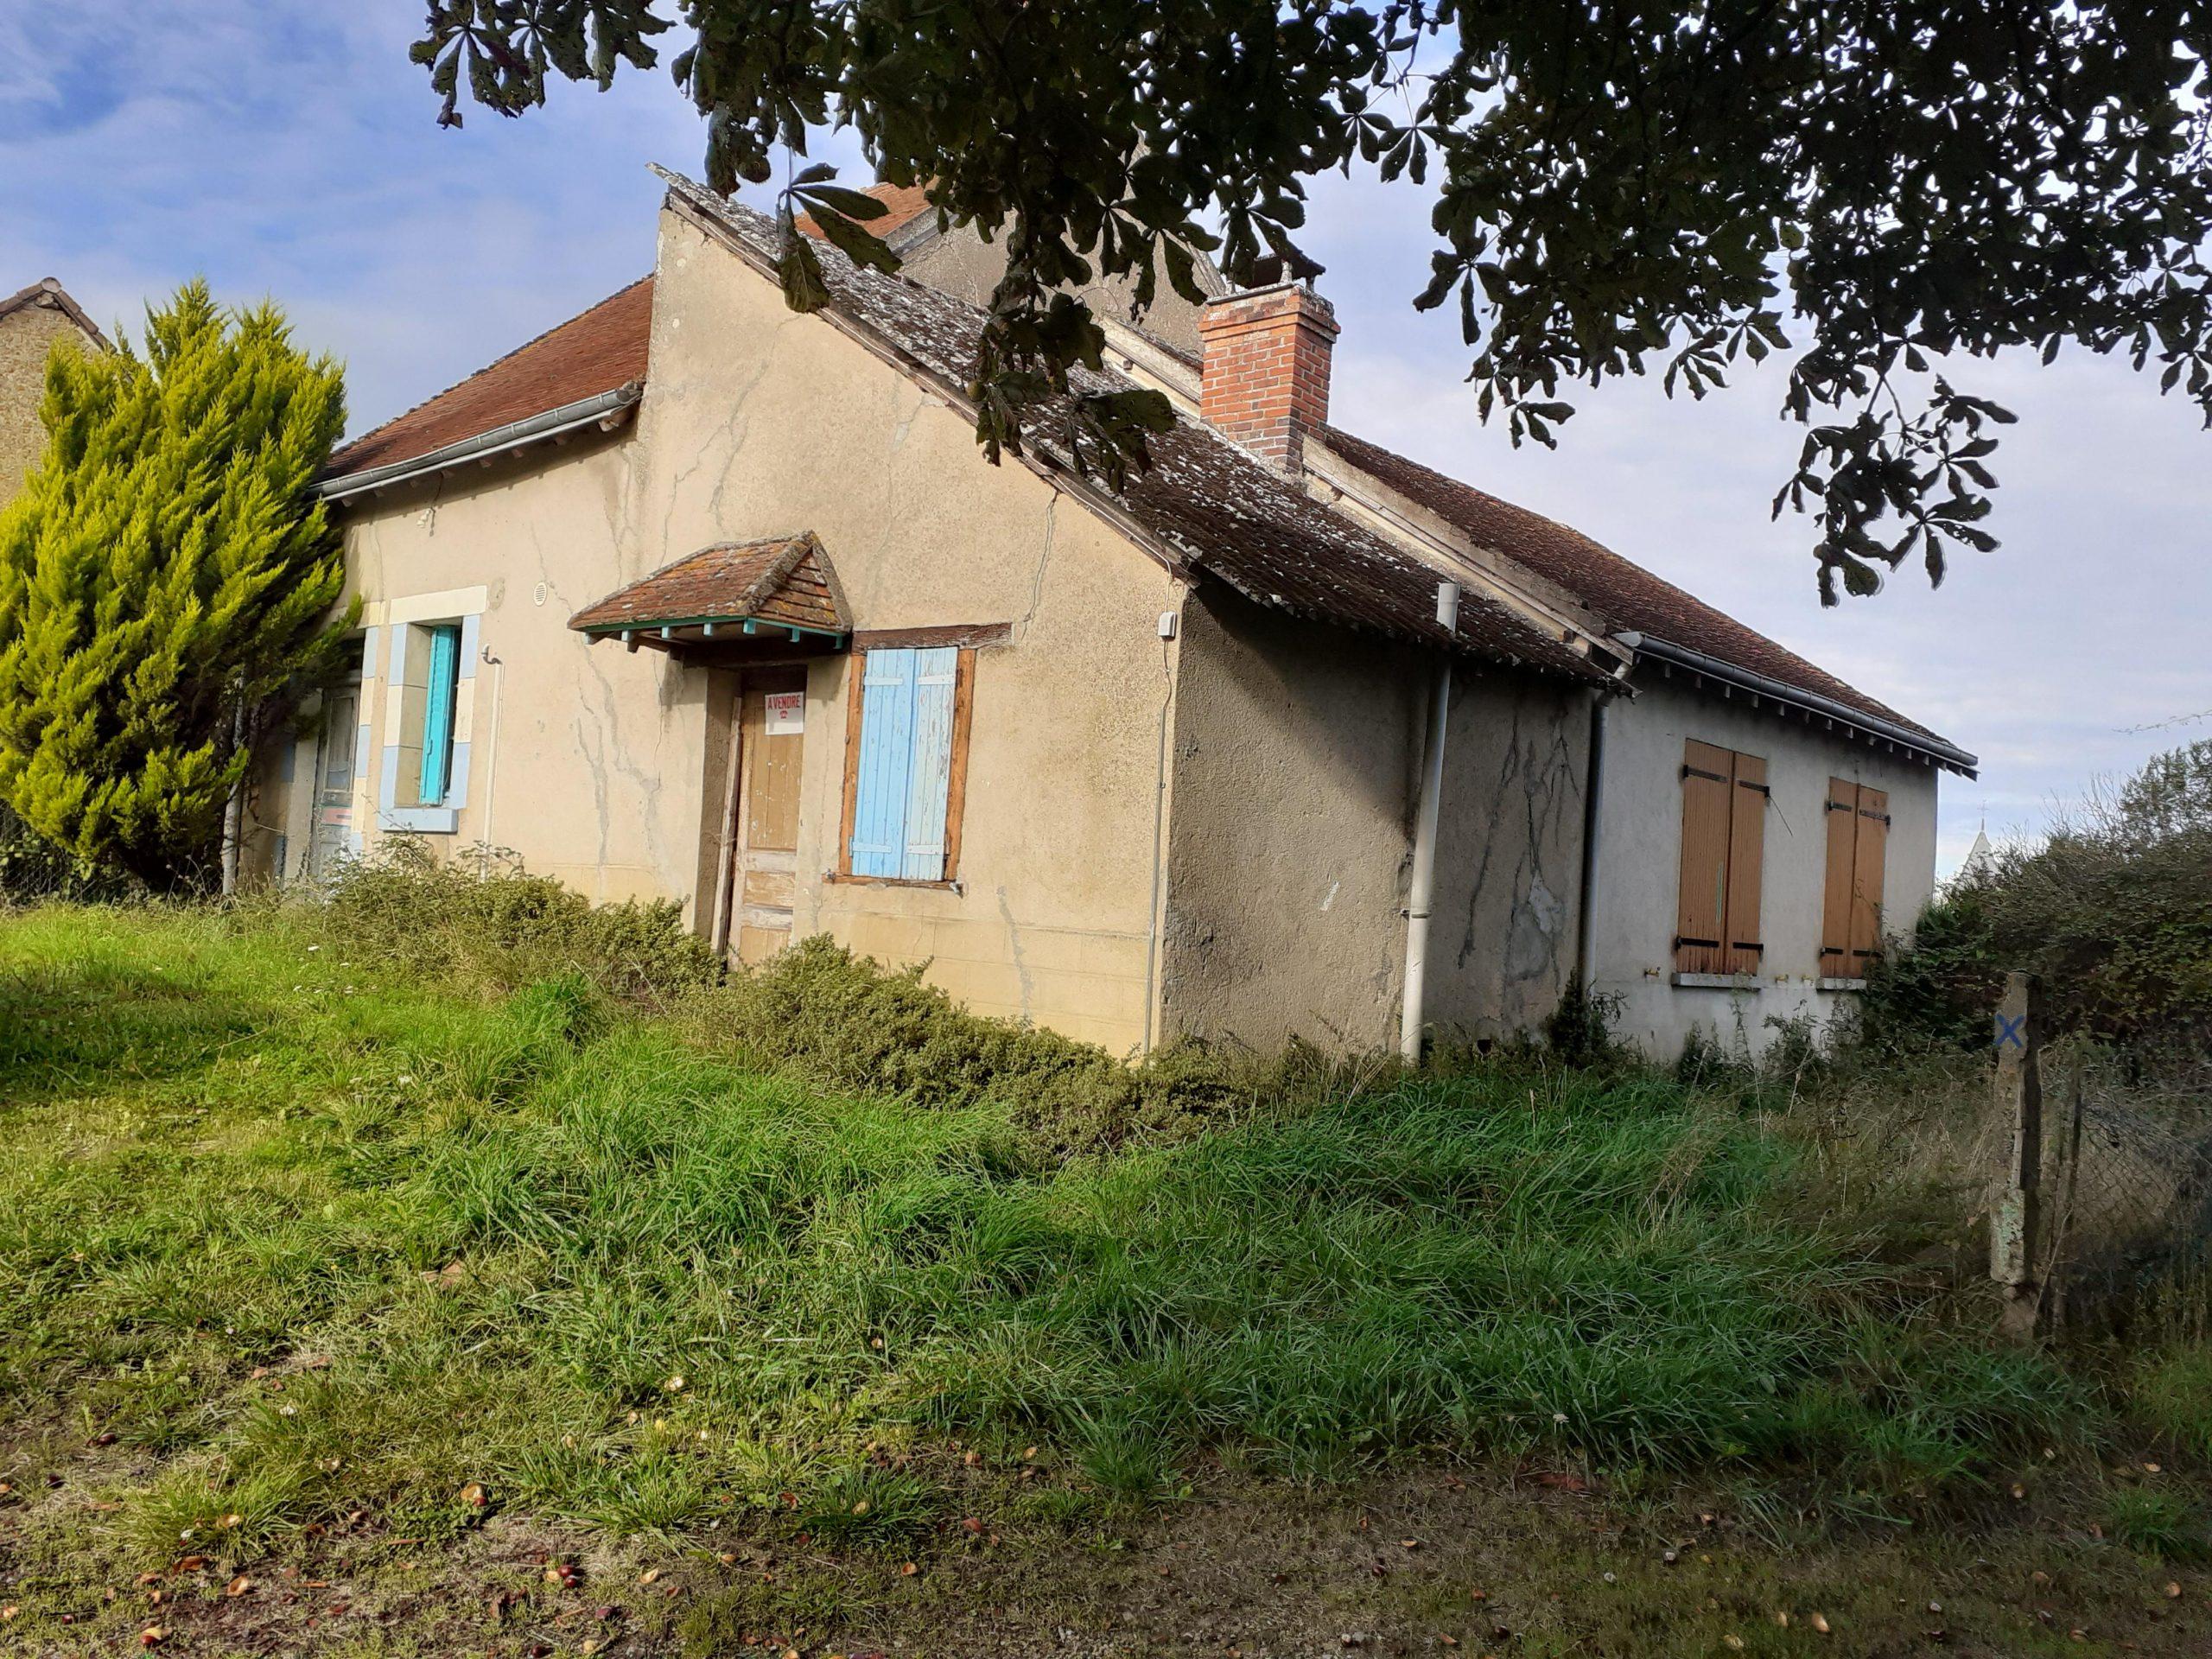 Petite maison de plain-pied sur Bazaiges à rénover entièrement !